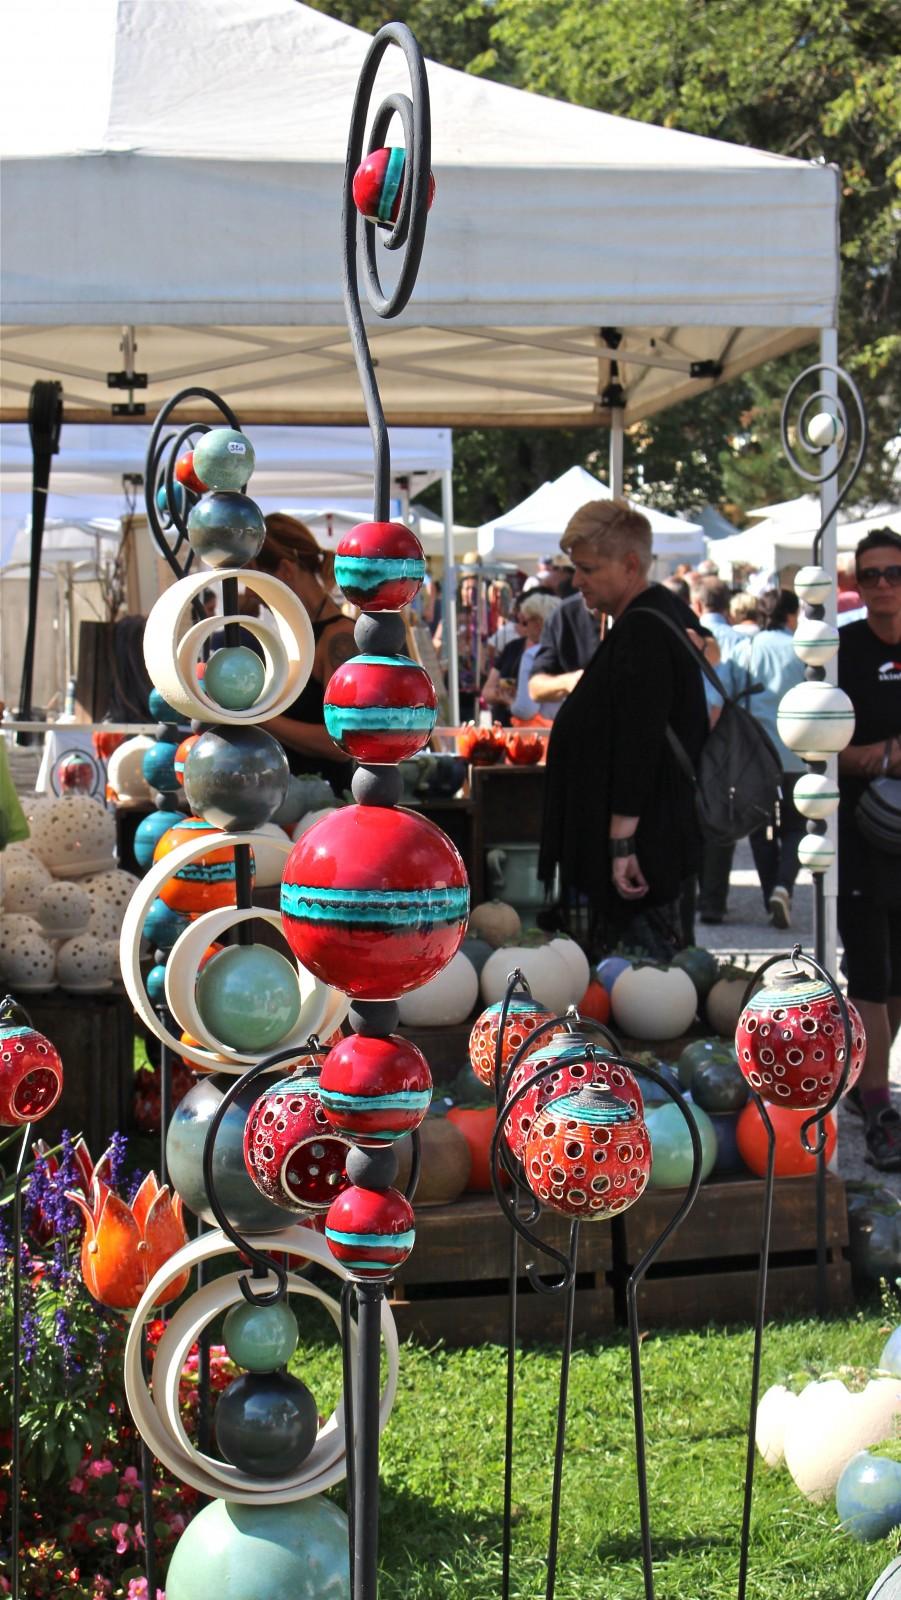 Kunsthandwerksmarkt in St. Gilgen